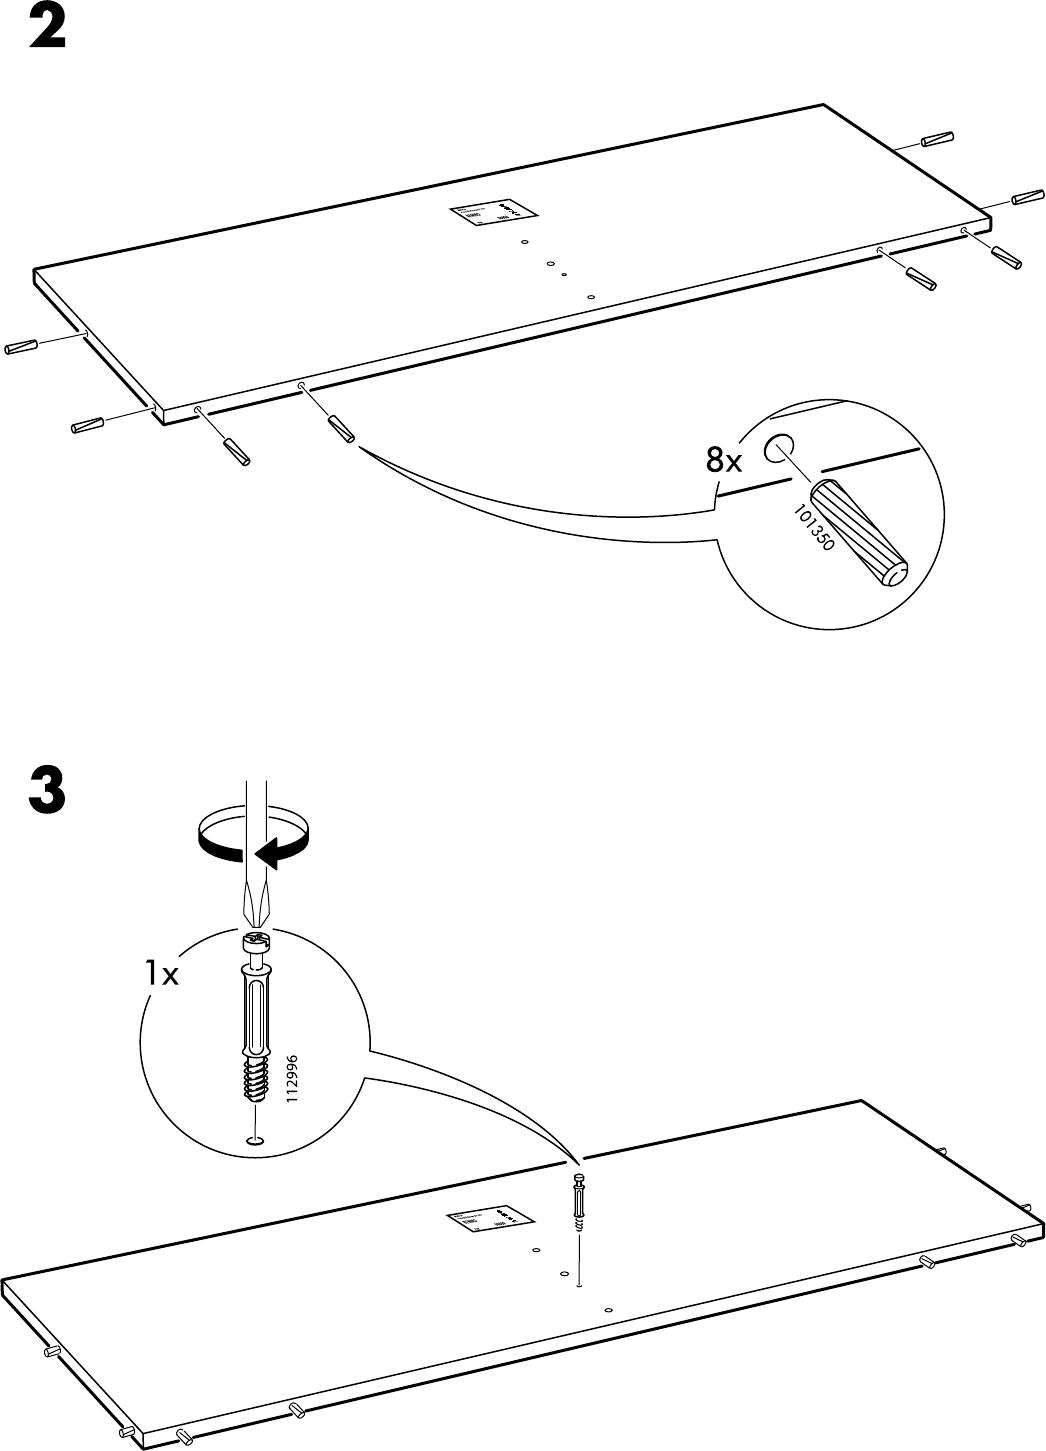 Benno Tv Meubel Ikea.Handleiding Ikea Benno Tv Meubel Op Wielen Pagina 5 Van 12 Alle